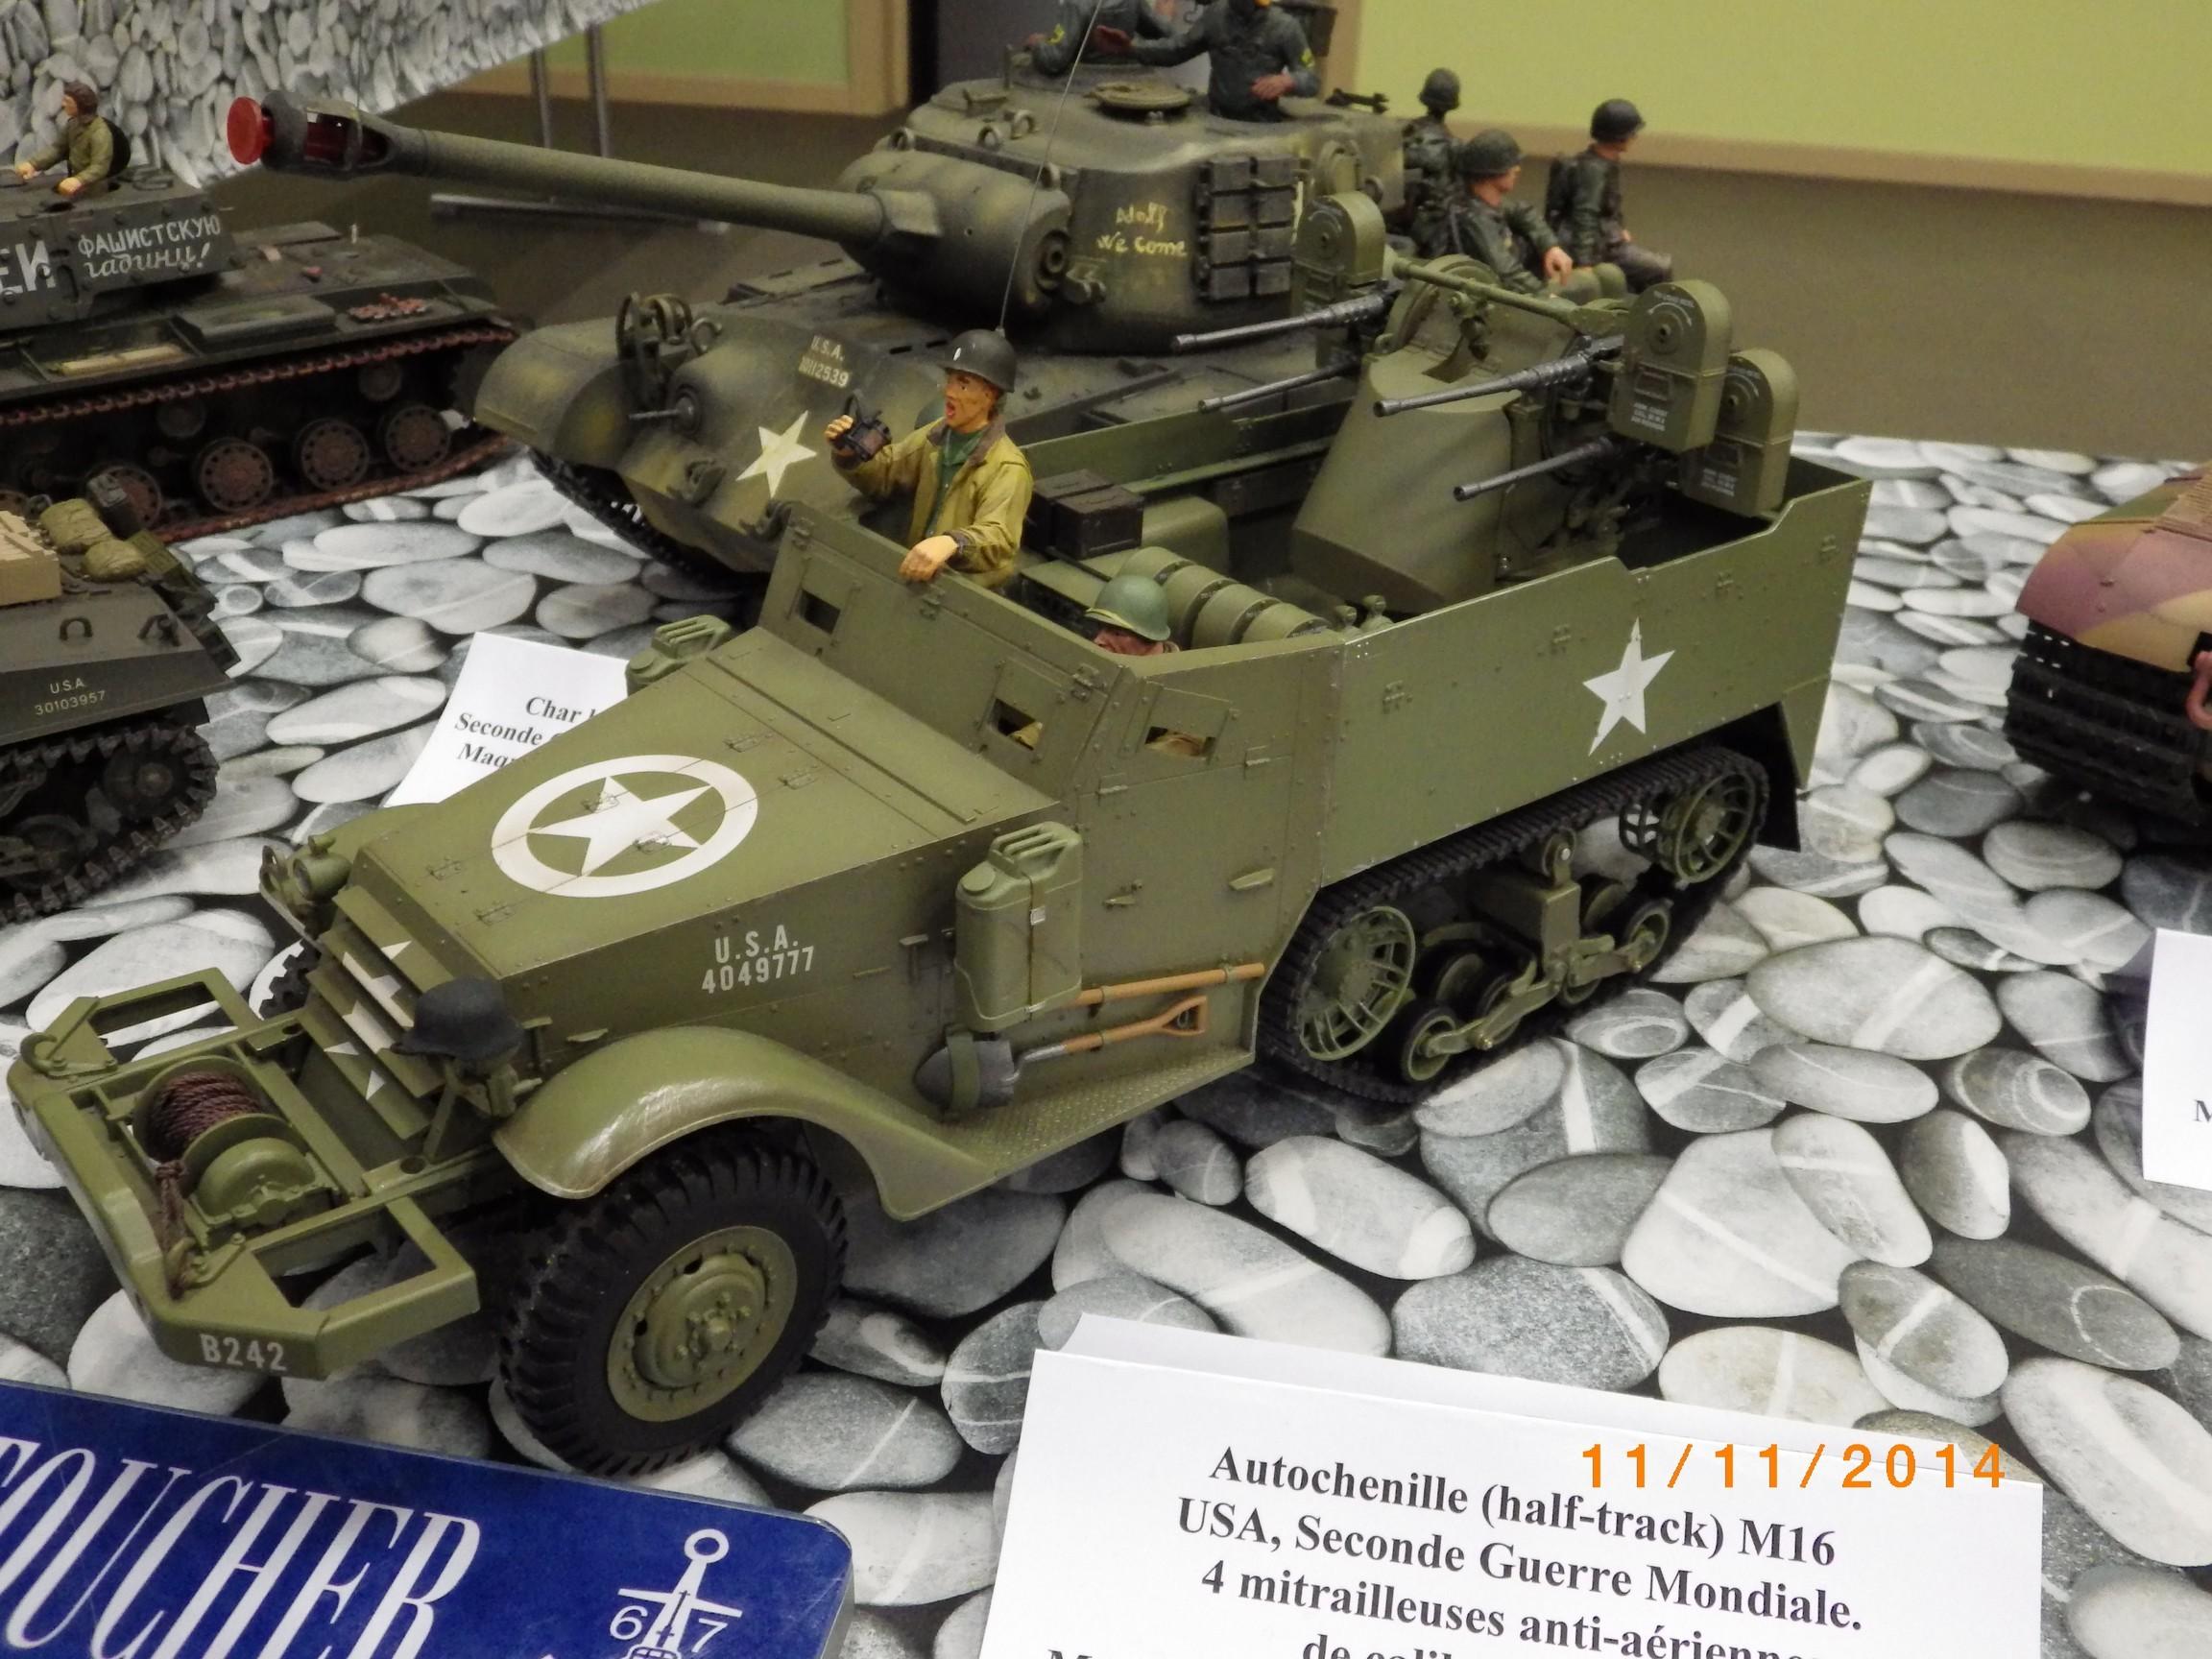 Anhänger am Torro-M16 -- RC-Panzer